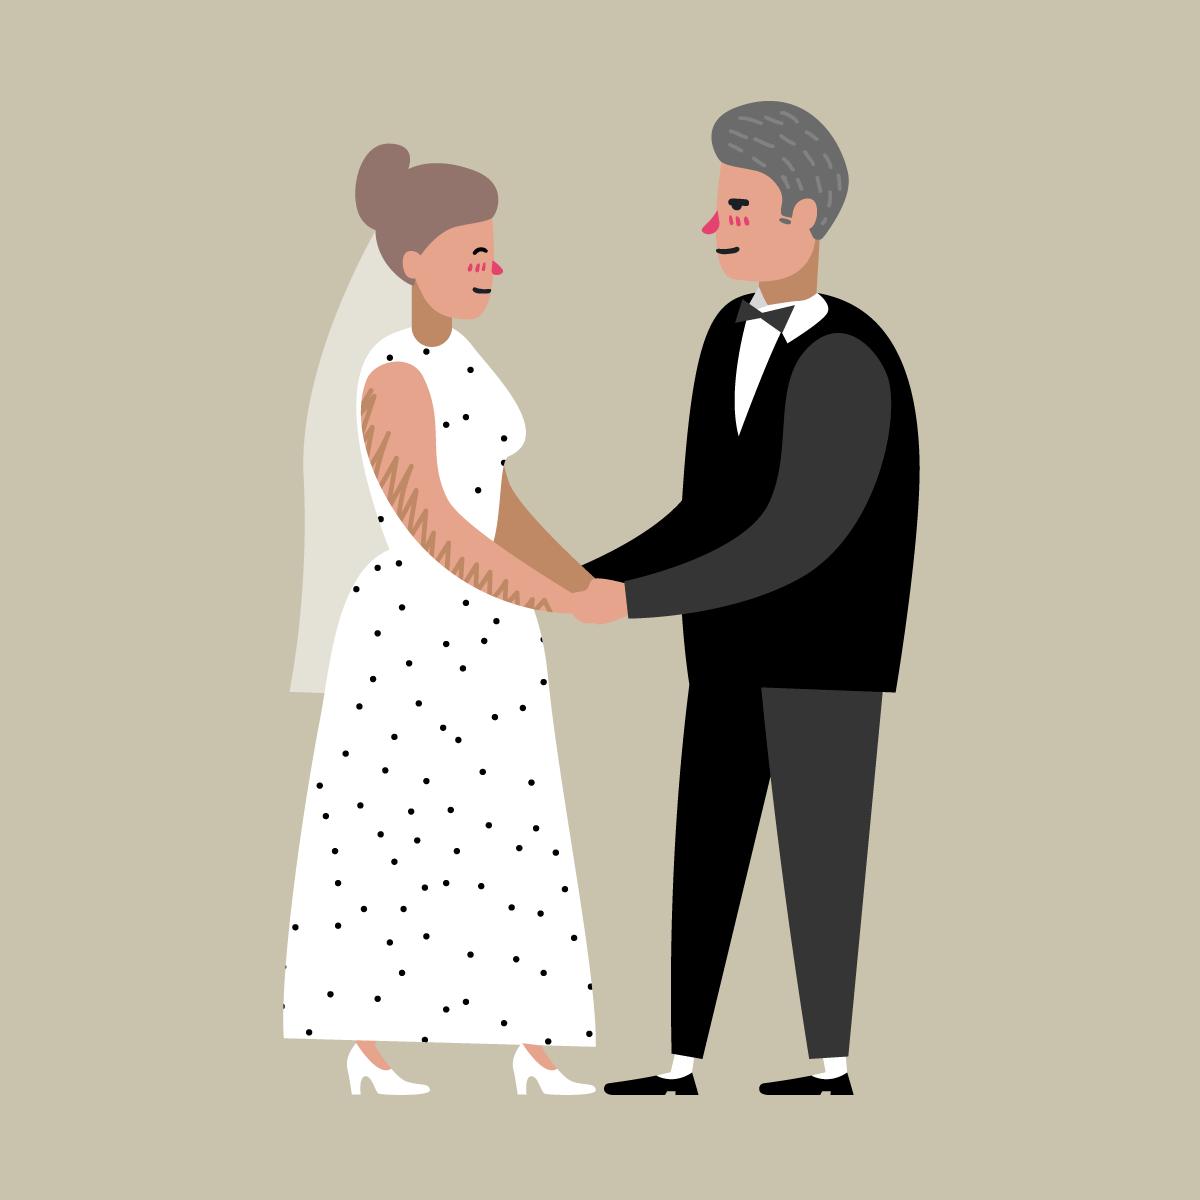 Анекдот про мужа, устроившего сюрприз жене впервую брачную ночь